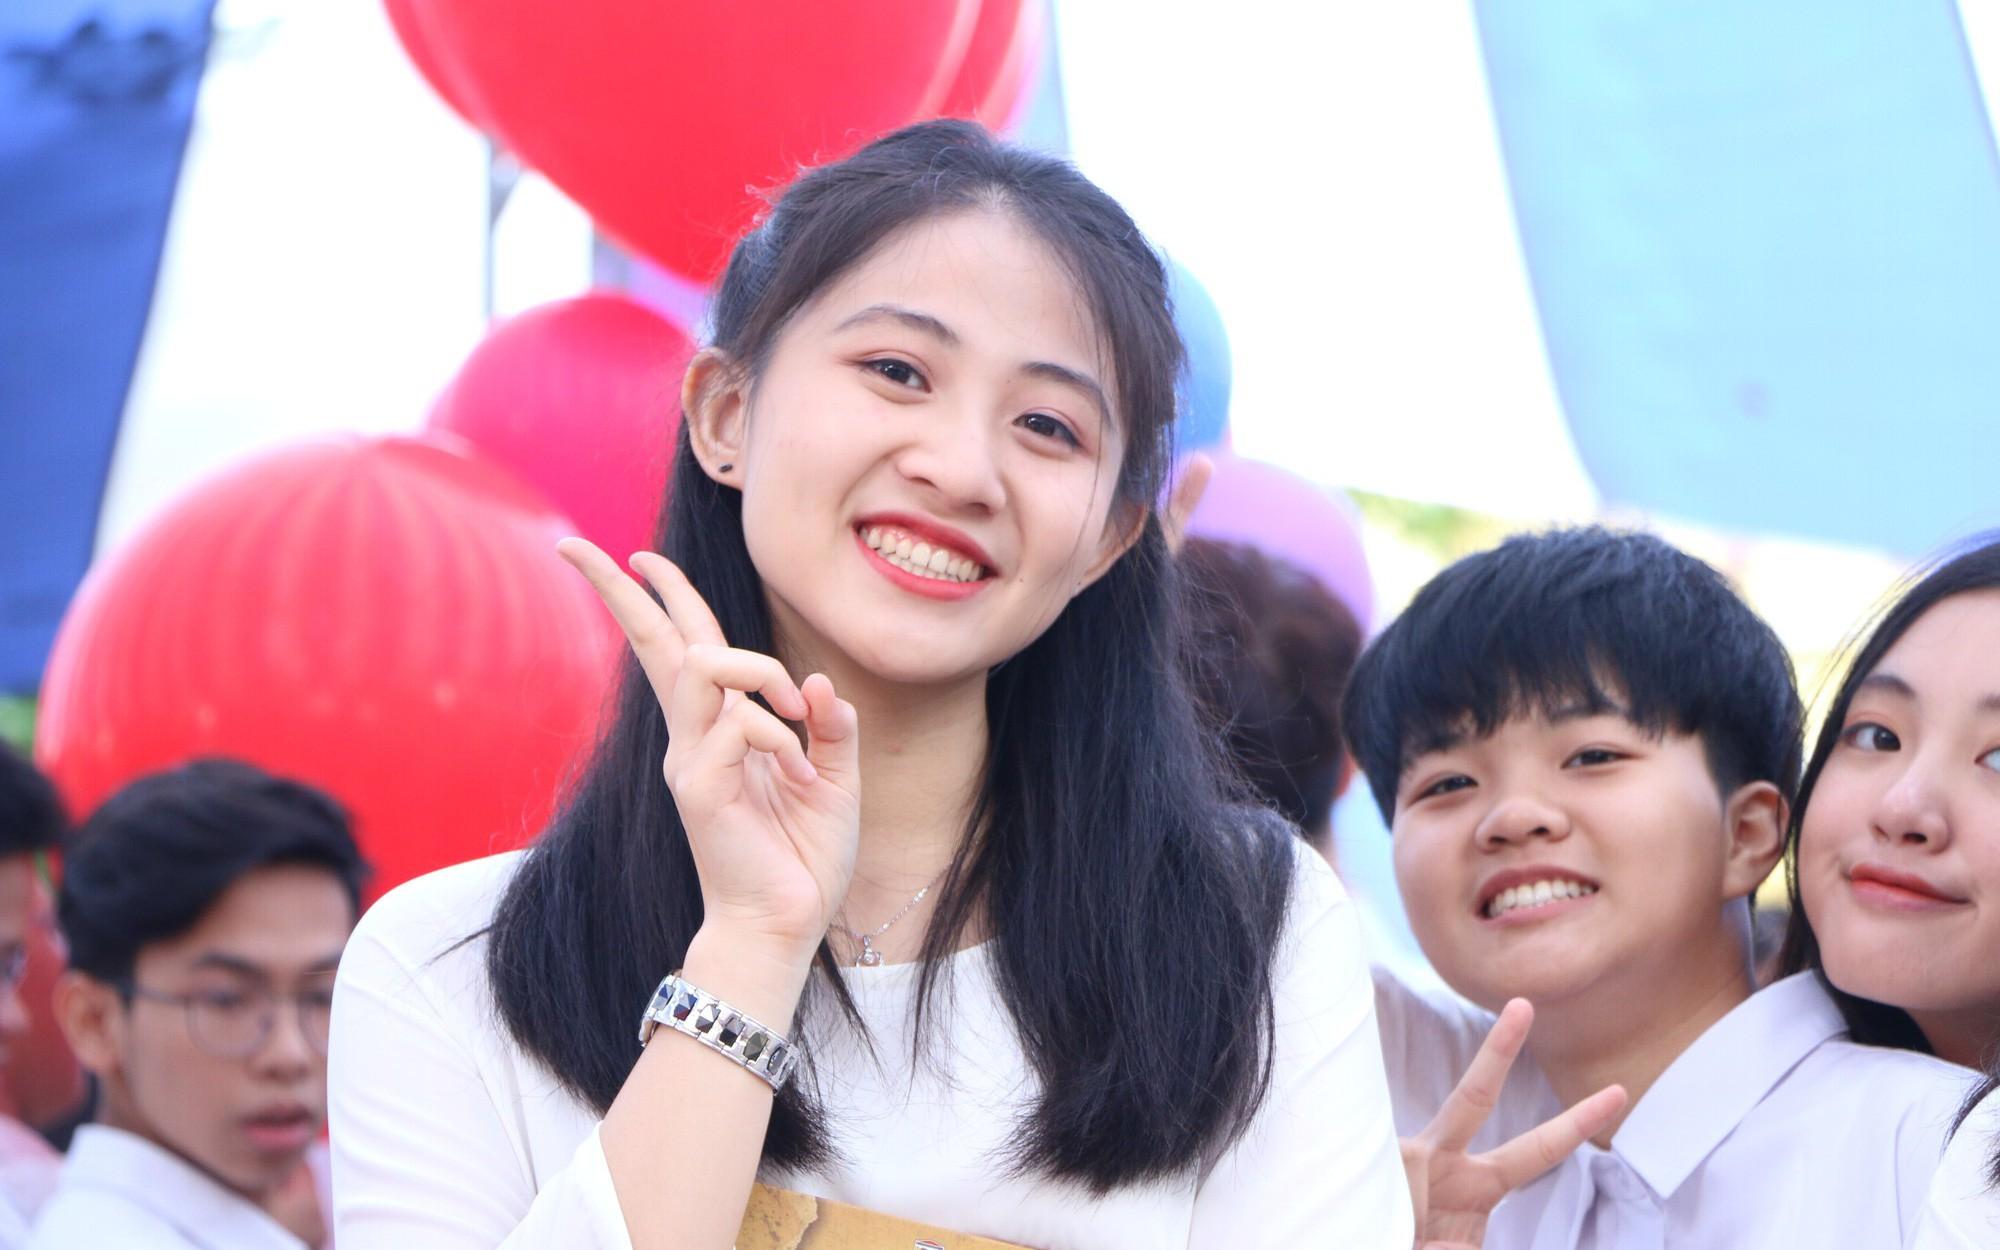 Đề thi thử THPT quốc gia 2019 môn Tiếng Anh THPT chuyên Bắc Ninh lần 2 có đáp án